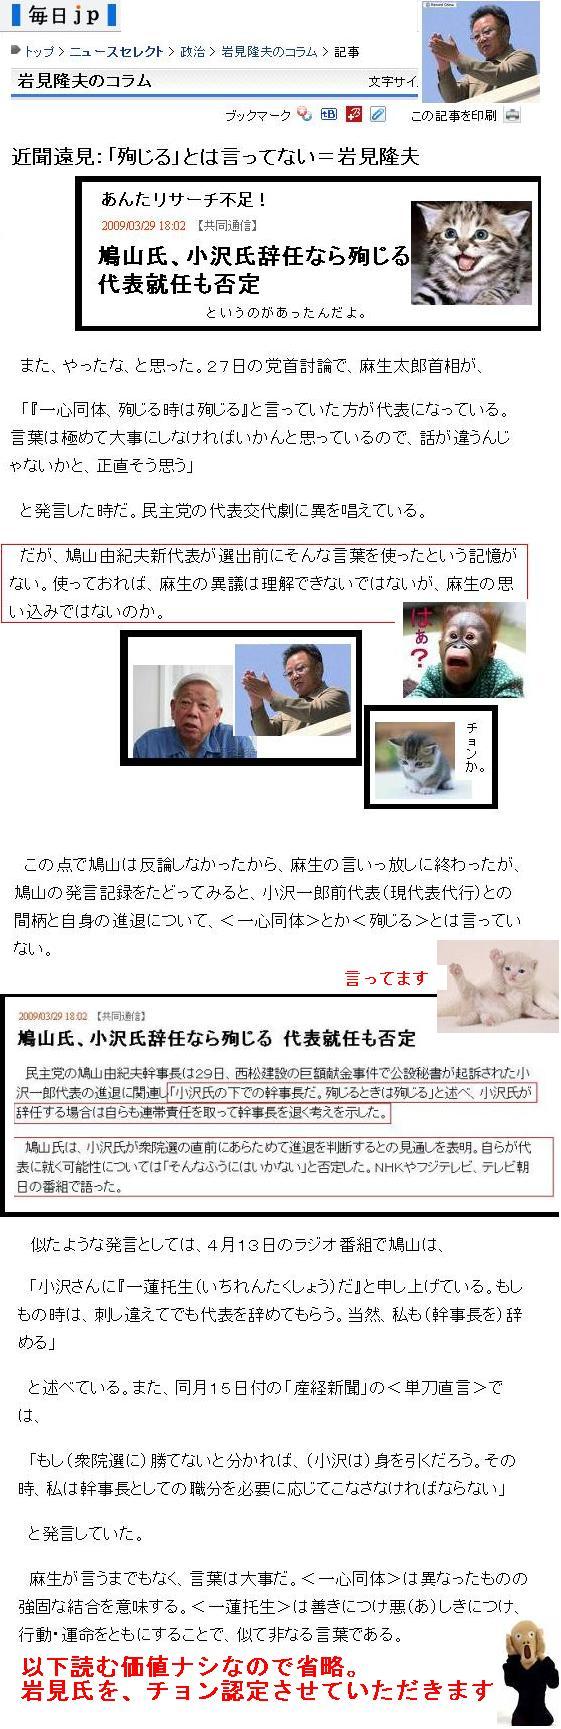 mainichikitaspyiwa1.jpg